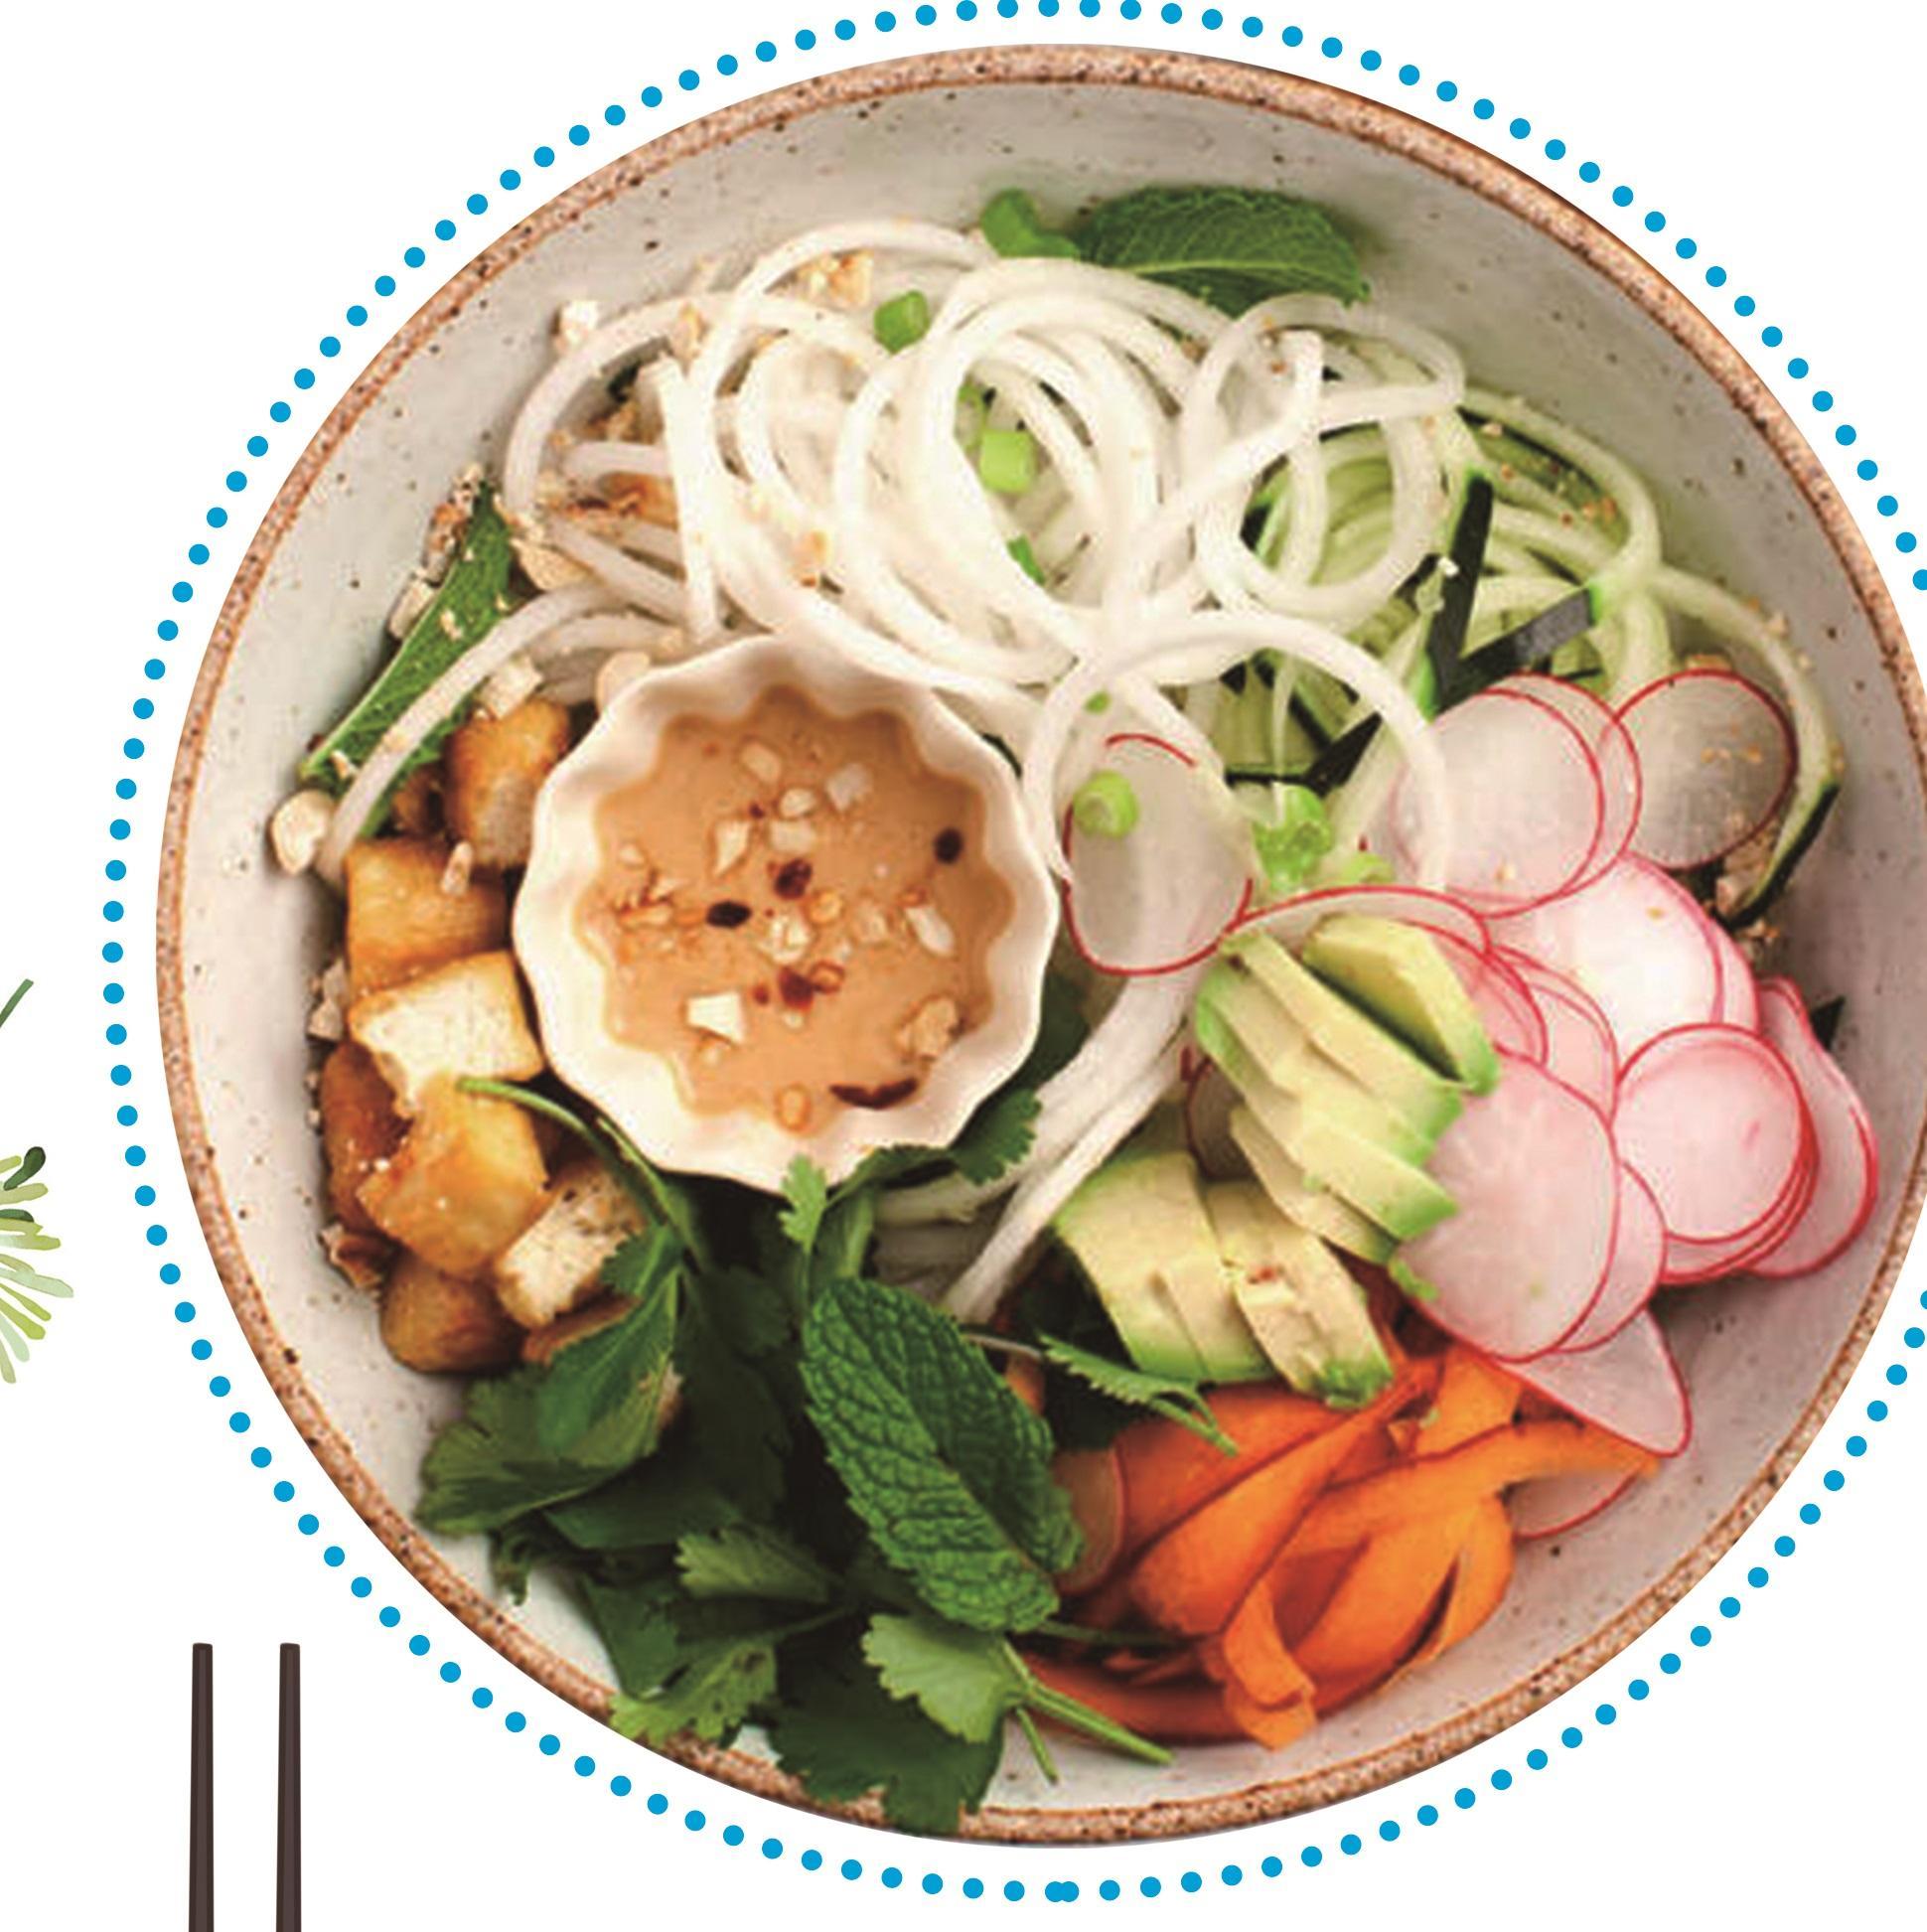 美团发布《中国轻食外卖消费报告》:轻食受到越来越多消费者的欢迎